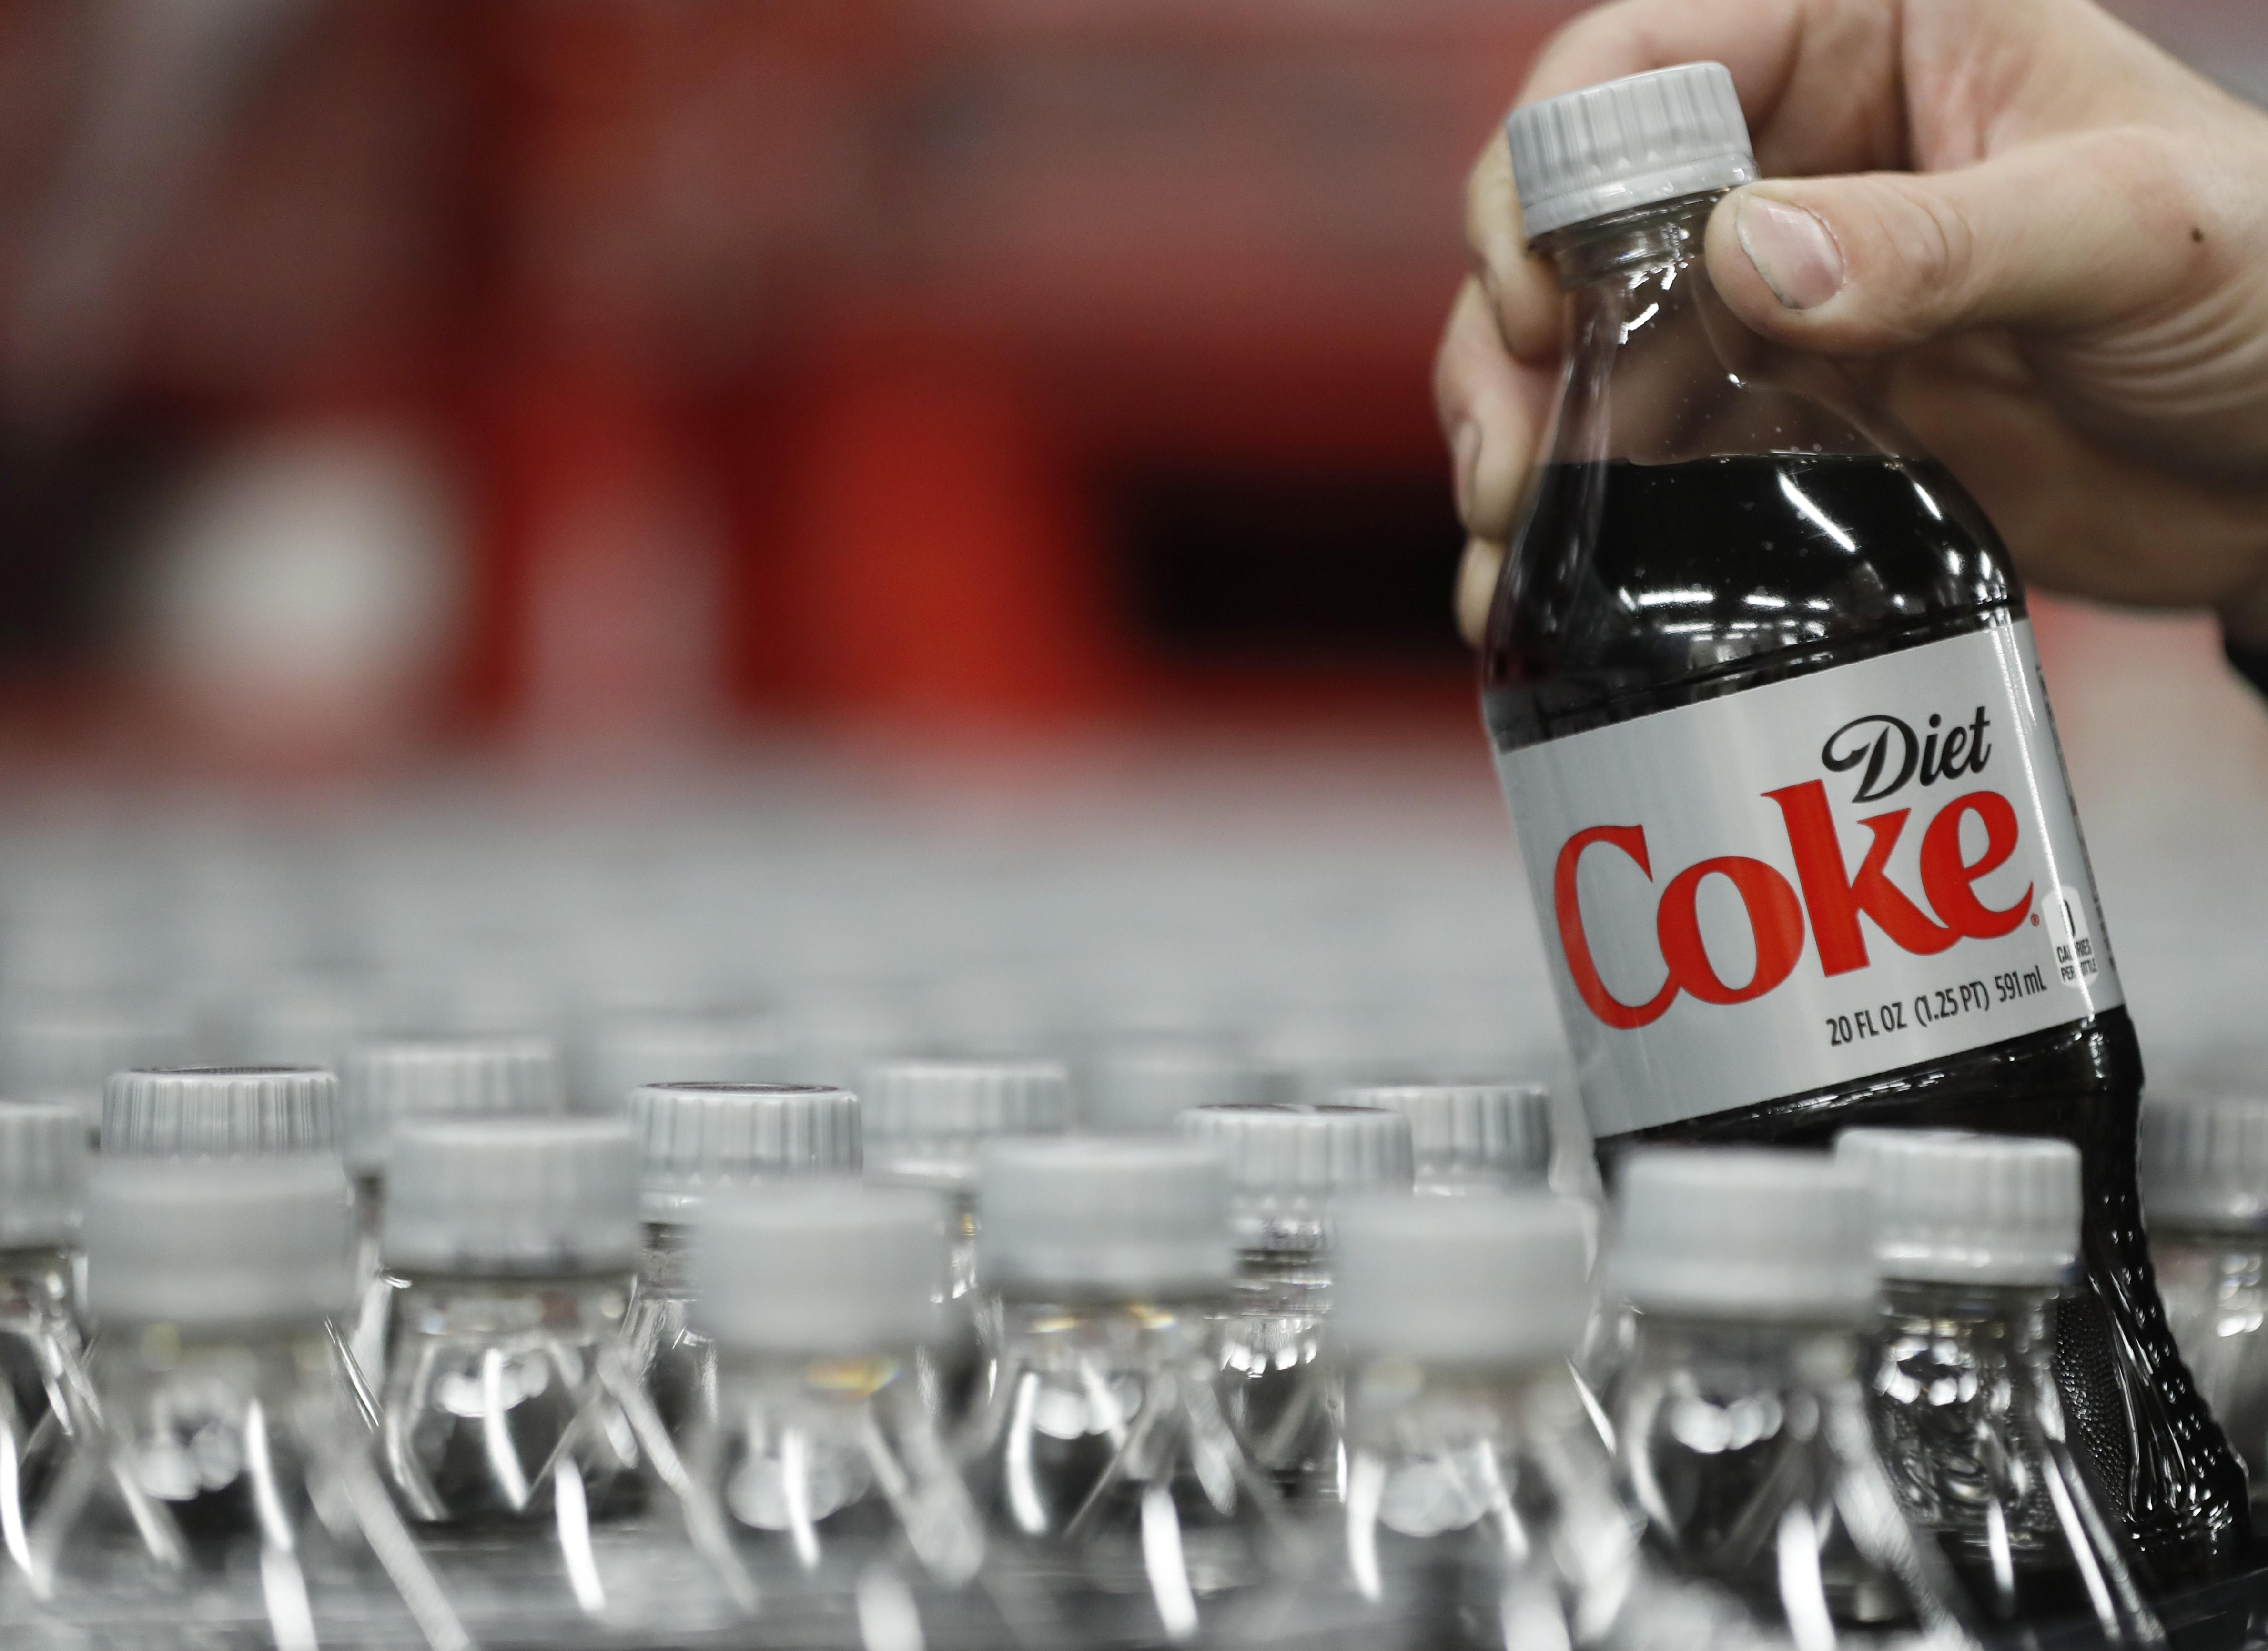 Diet Coke.